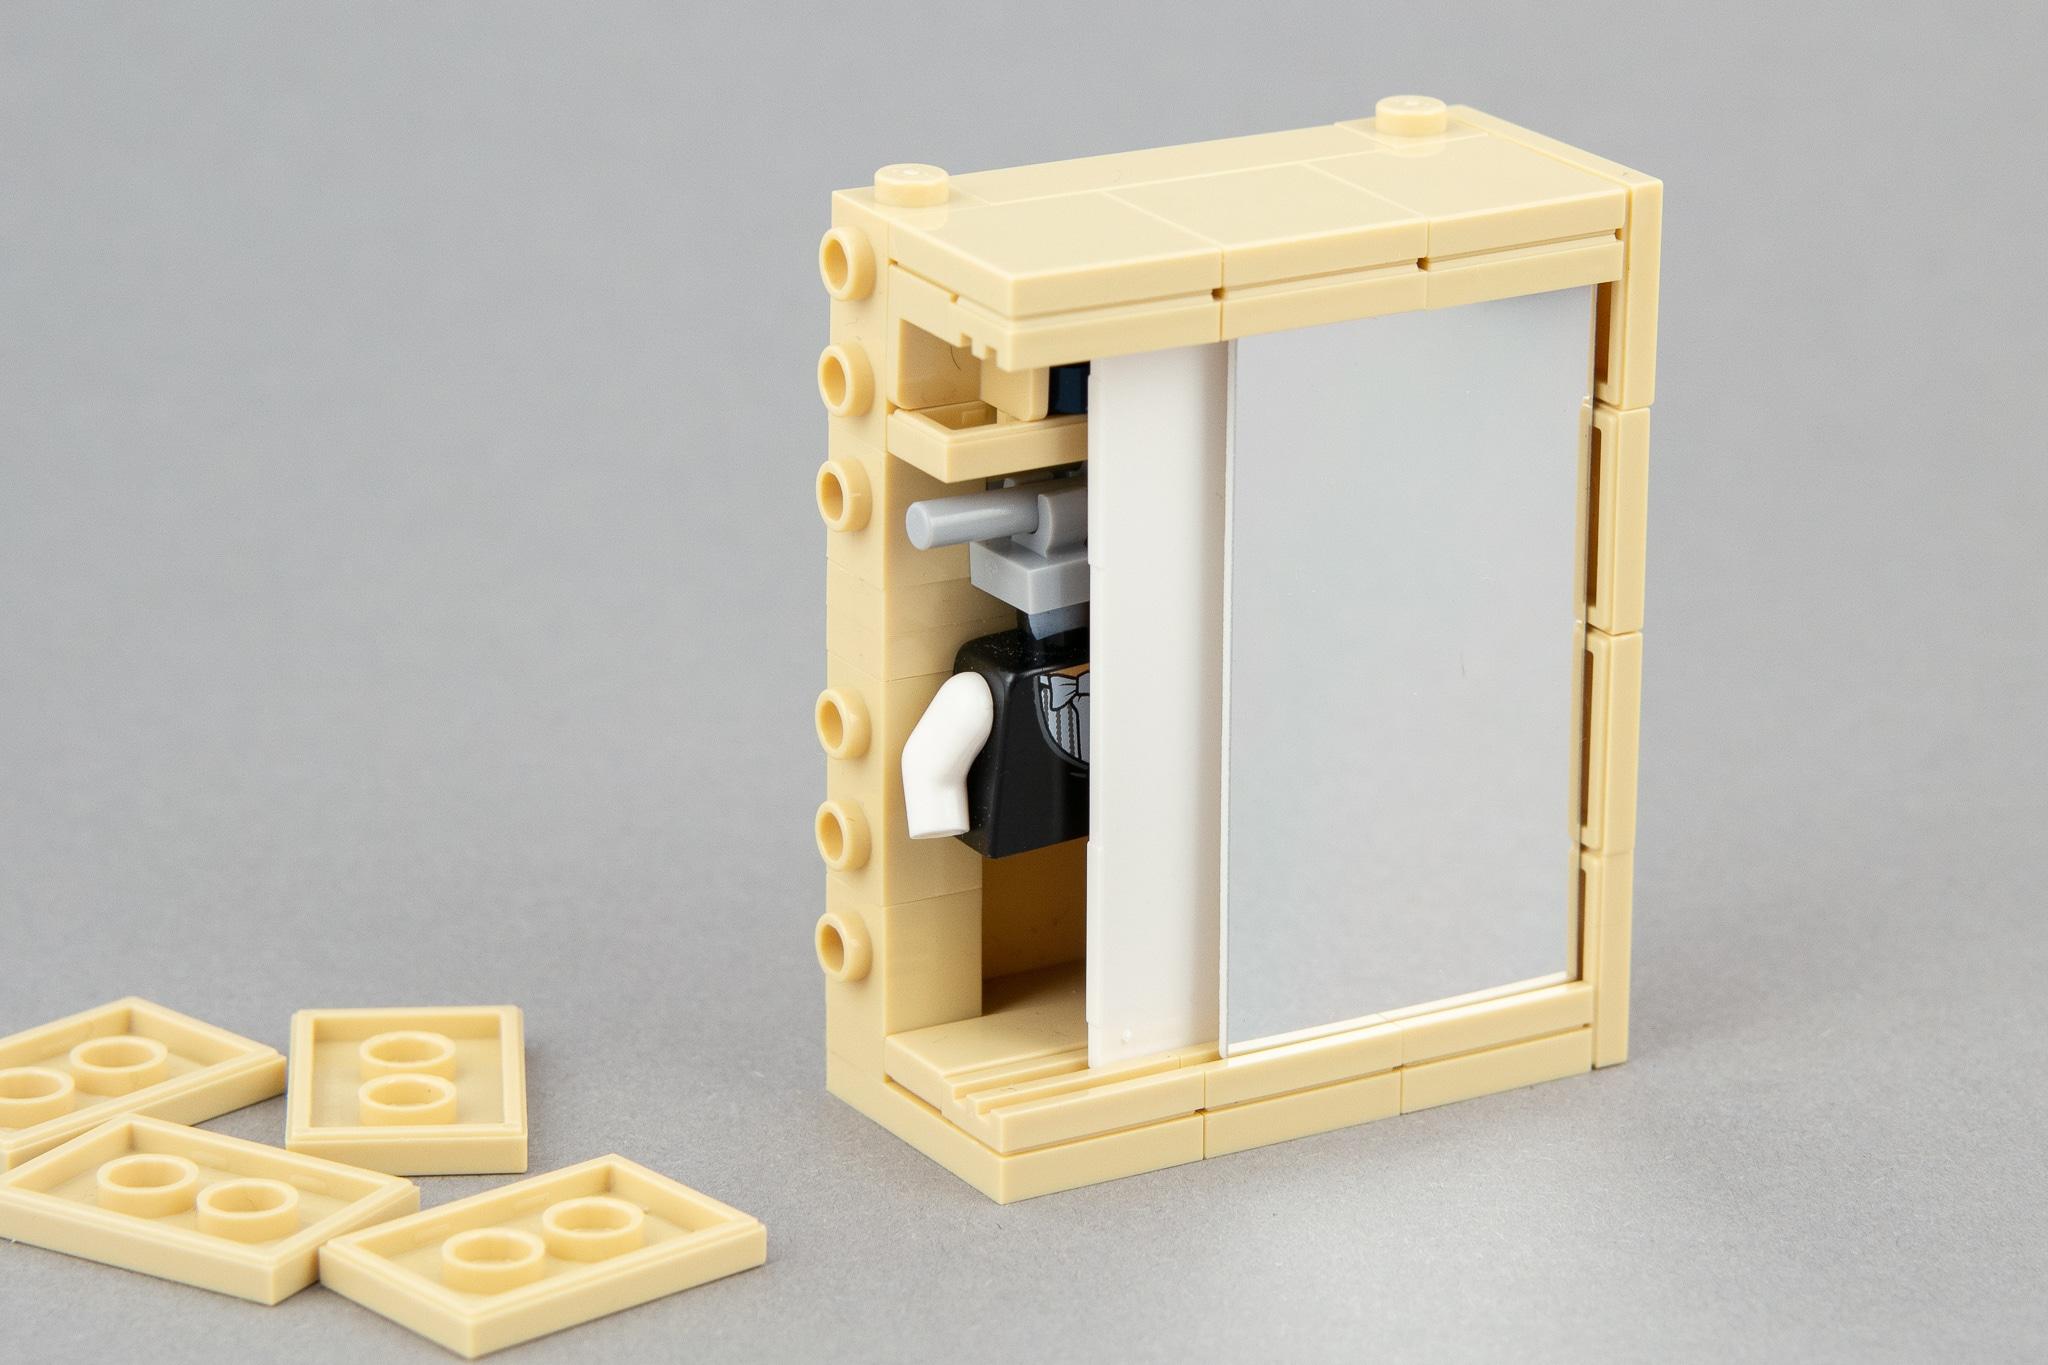 LEGO Schlafzimmer Moc Schrank (5)